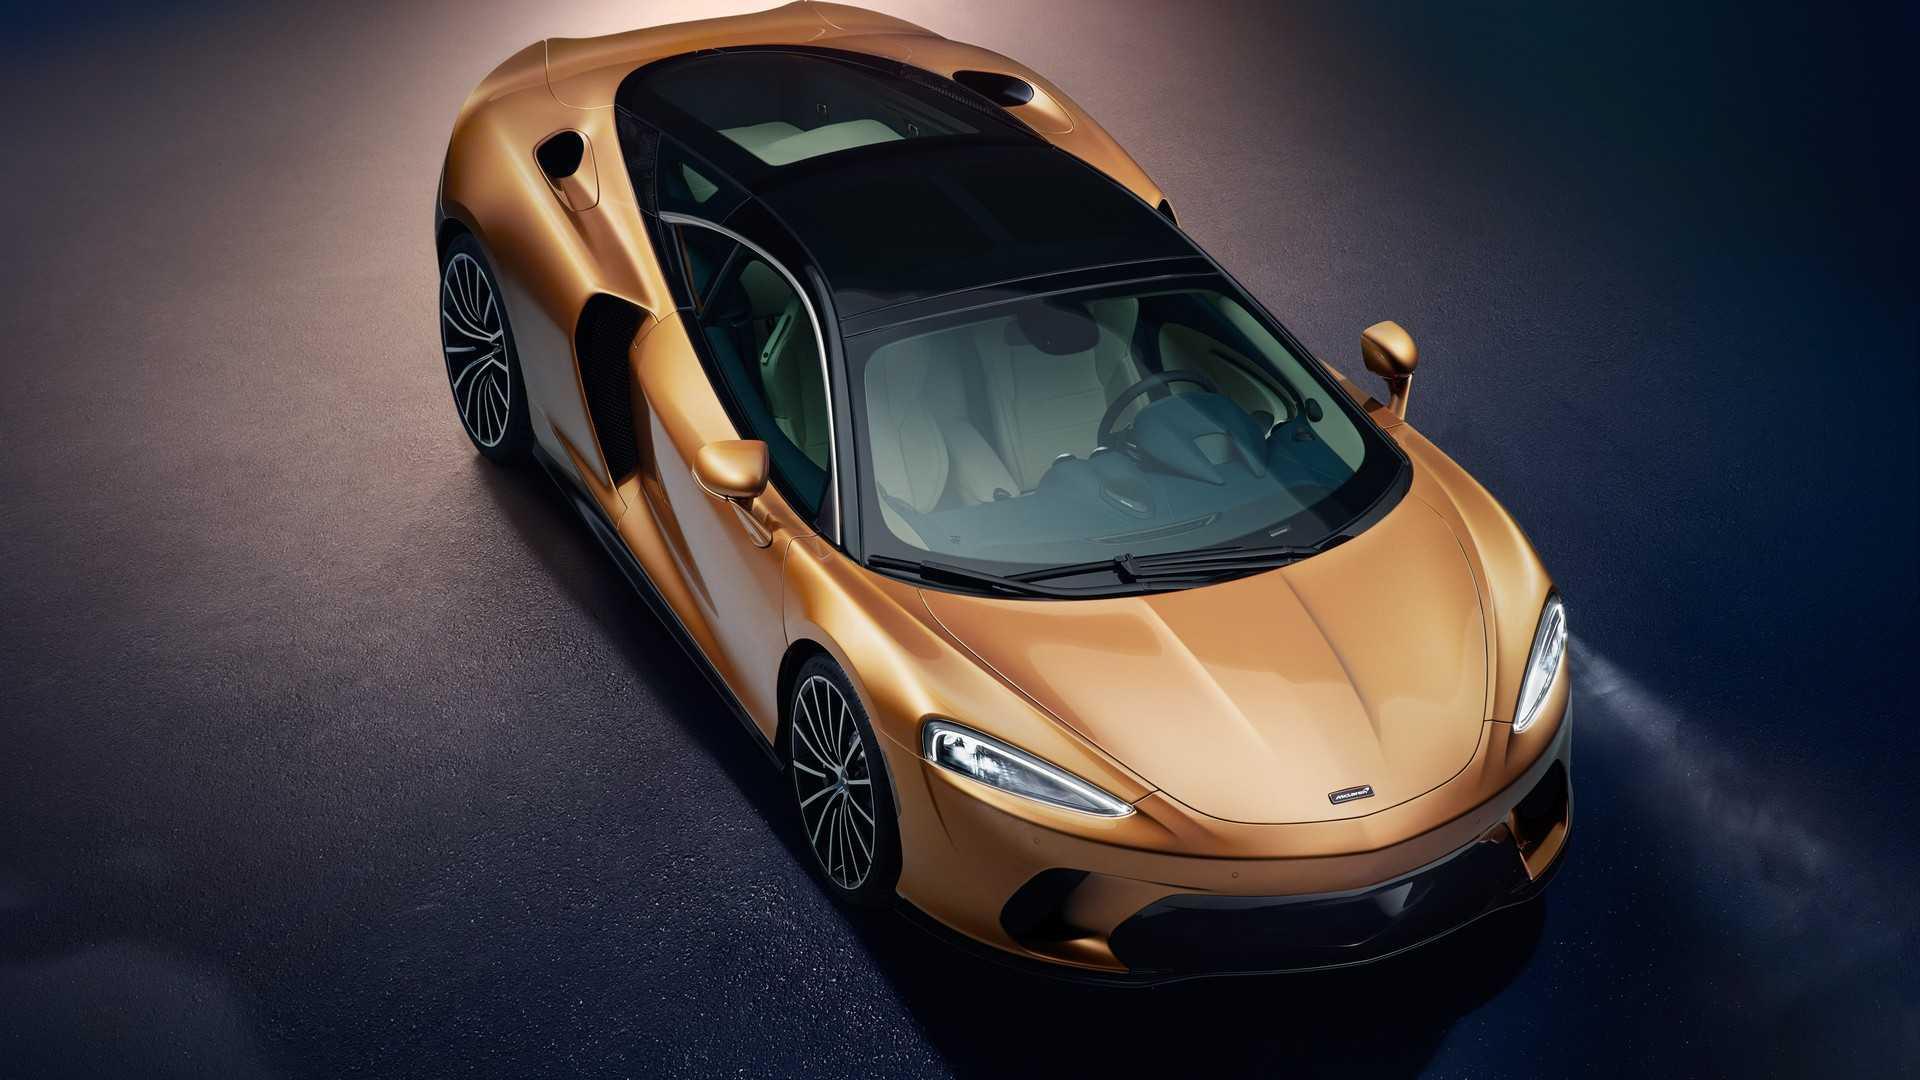 Siêu xe mclaren gt mạnh 620 mã lực ra mắt, giá từ 210.000 usd - Hình 2